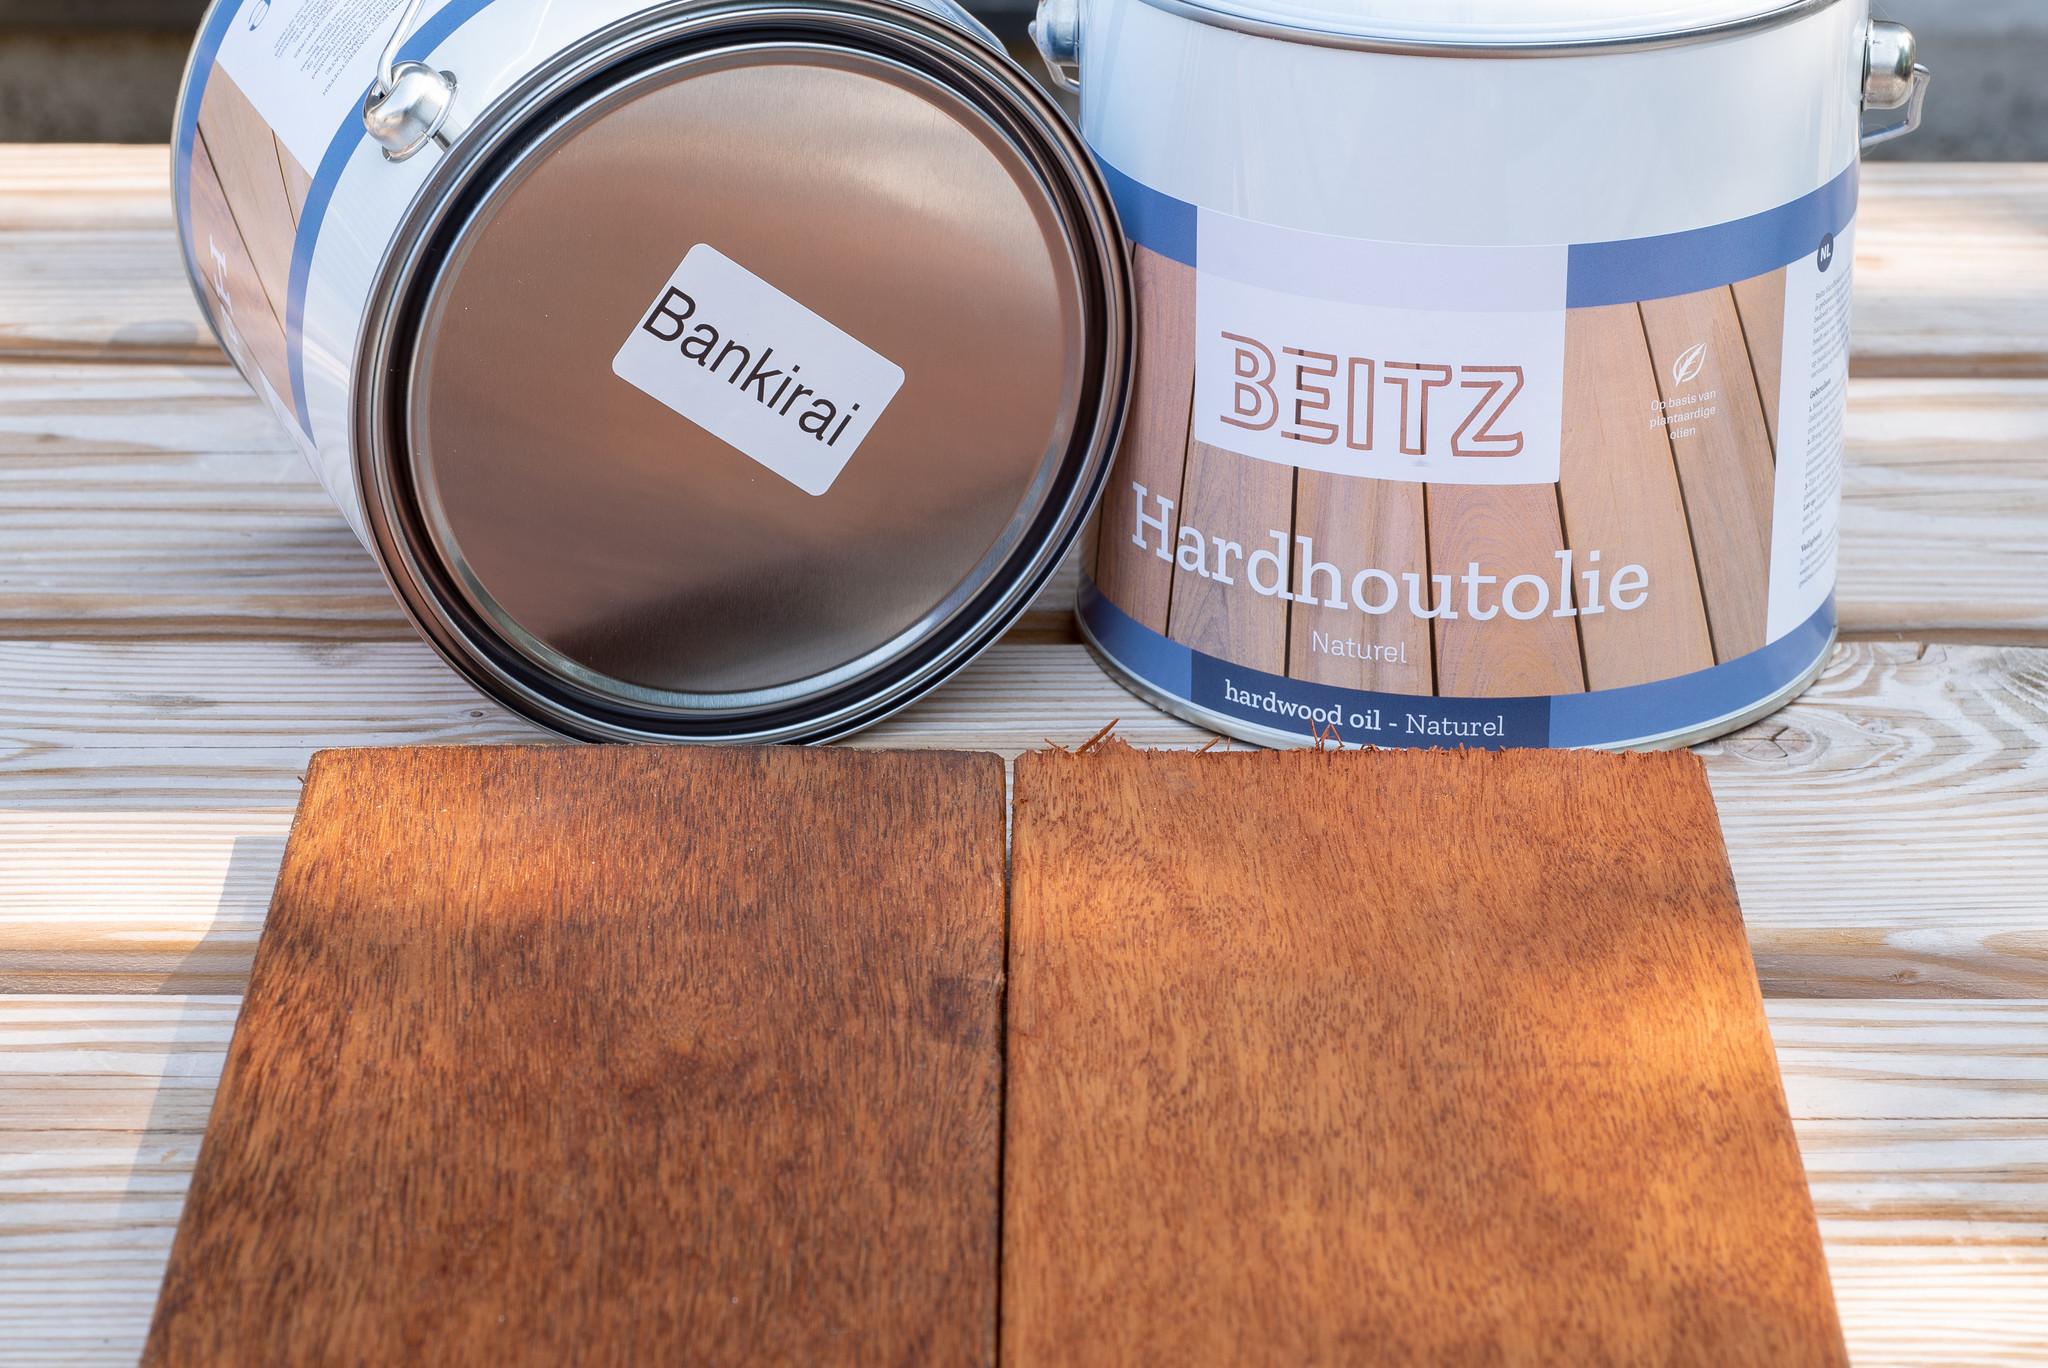 Beitz hardhout olie kleuren